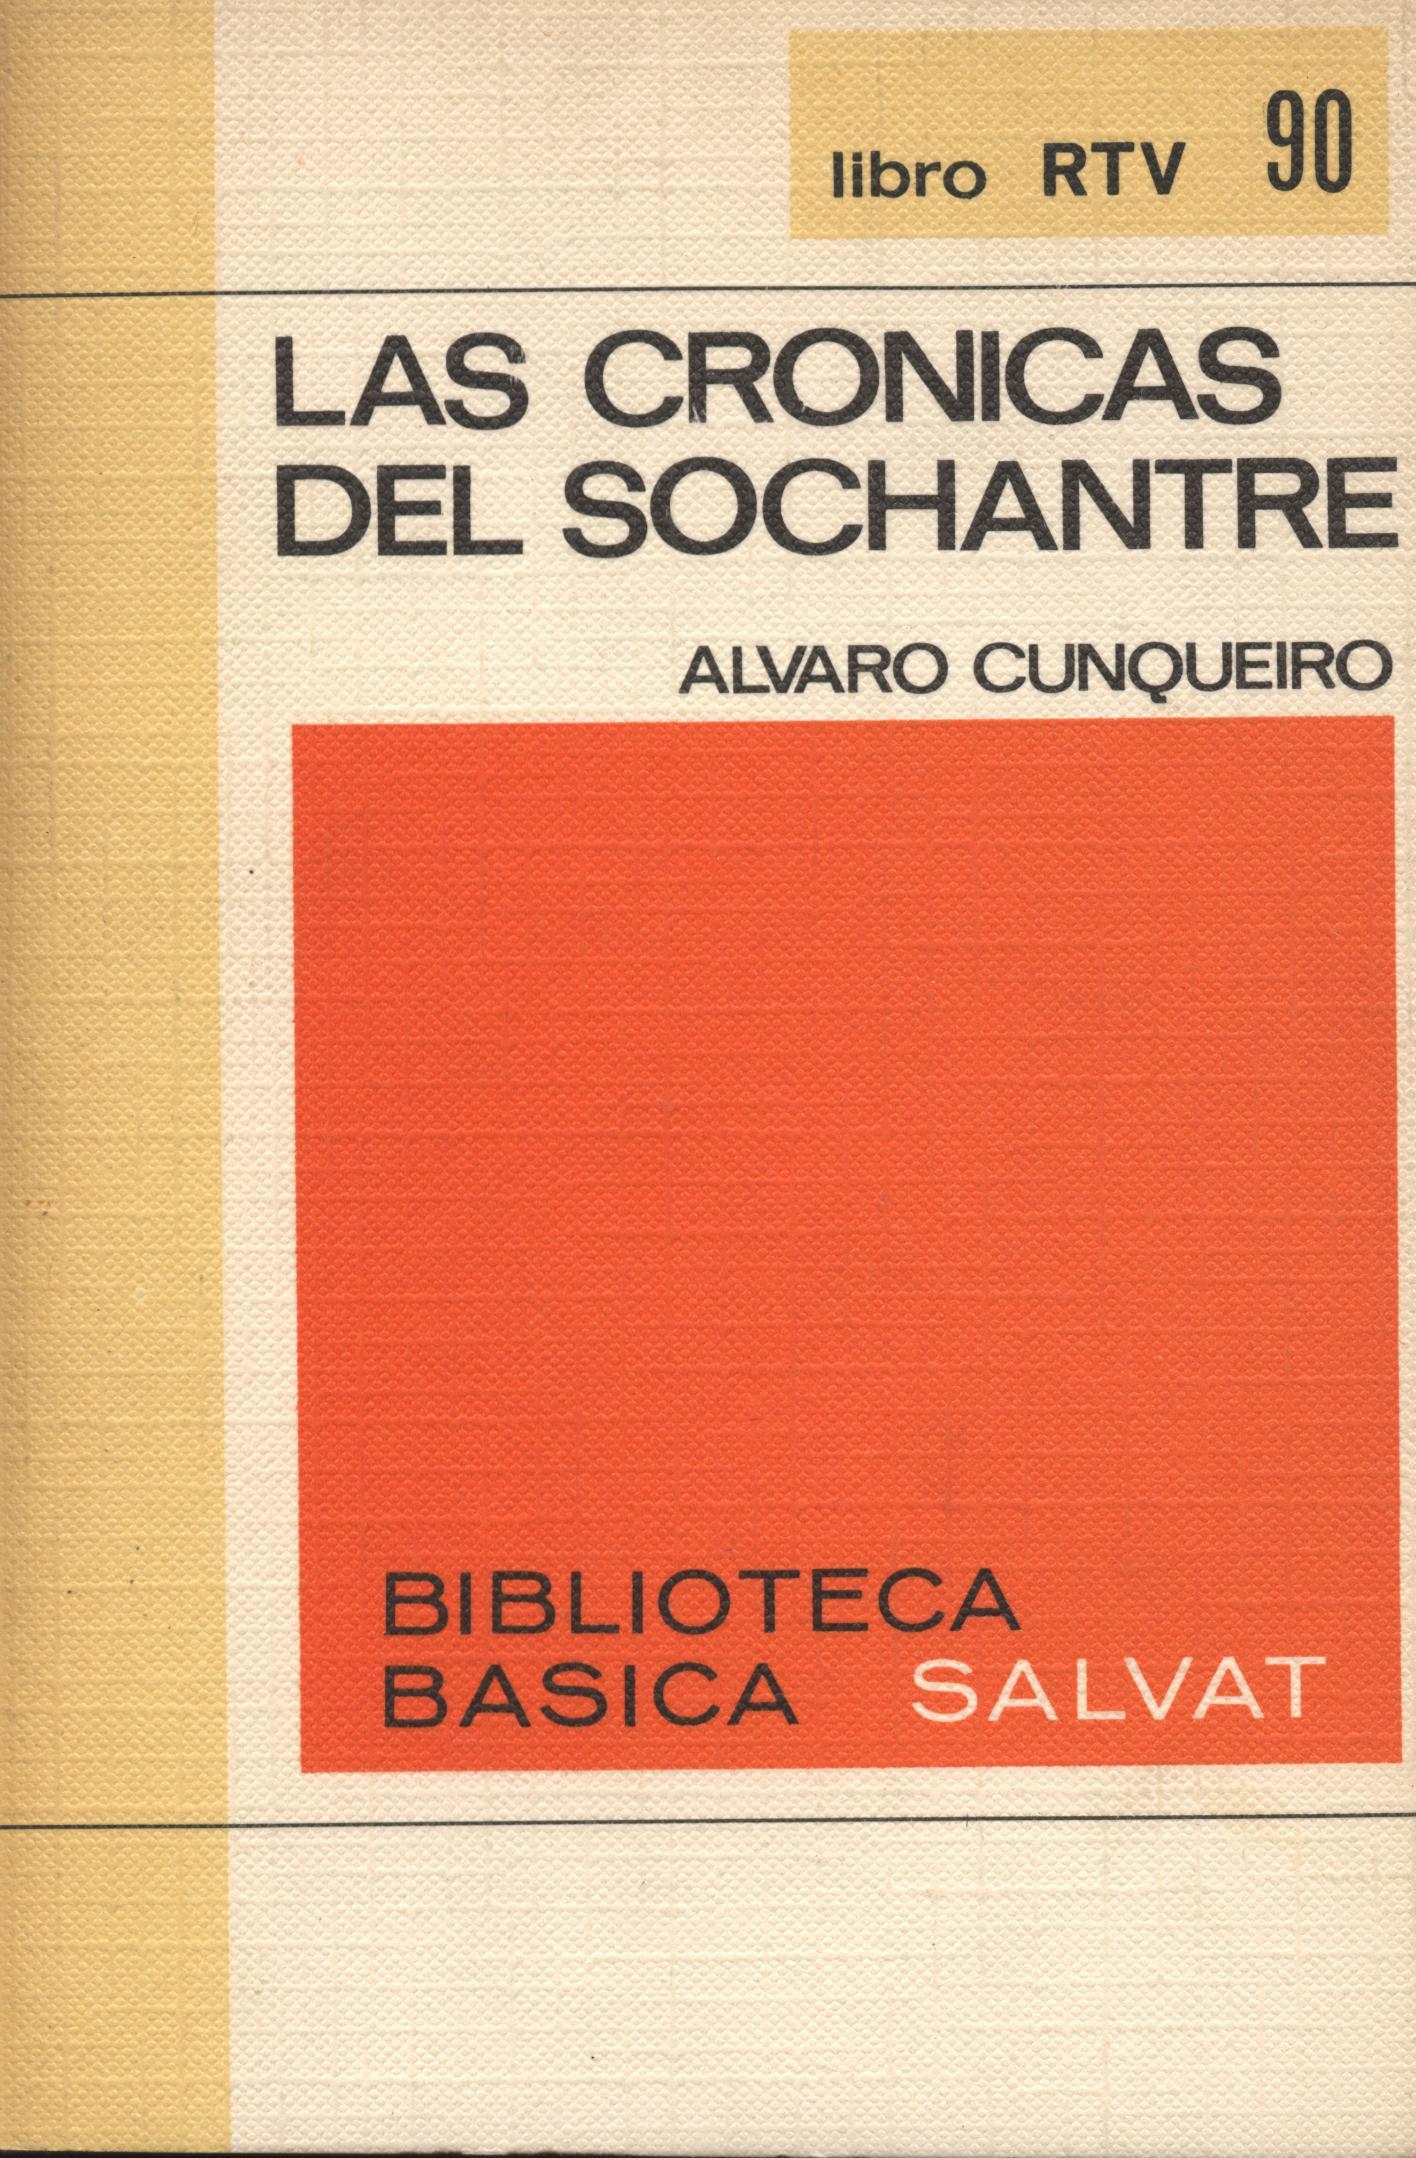 Las crónicas del sochantre - Alvaro Cunqueiro